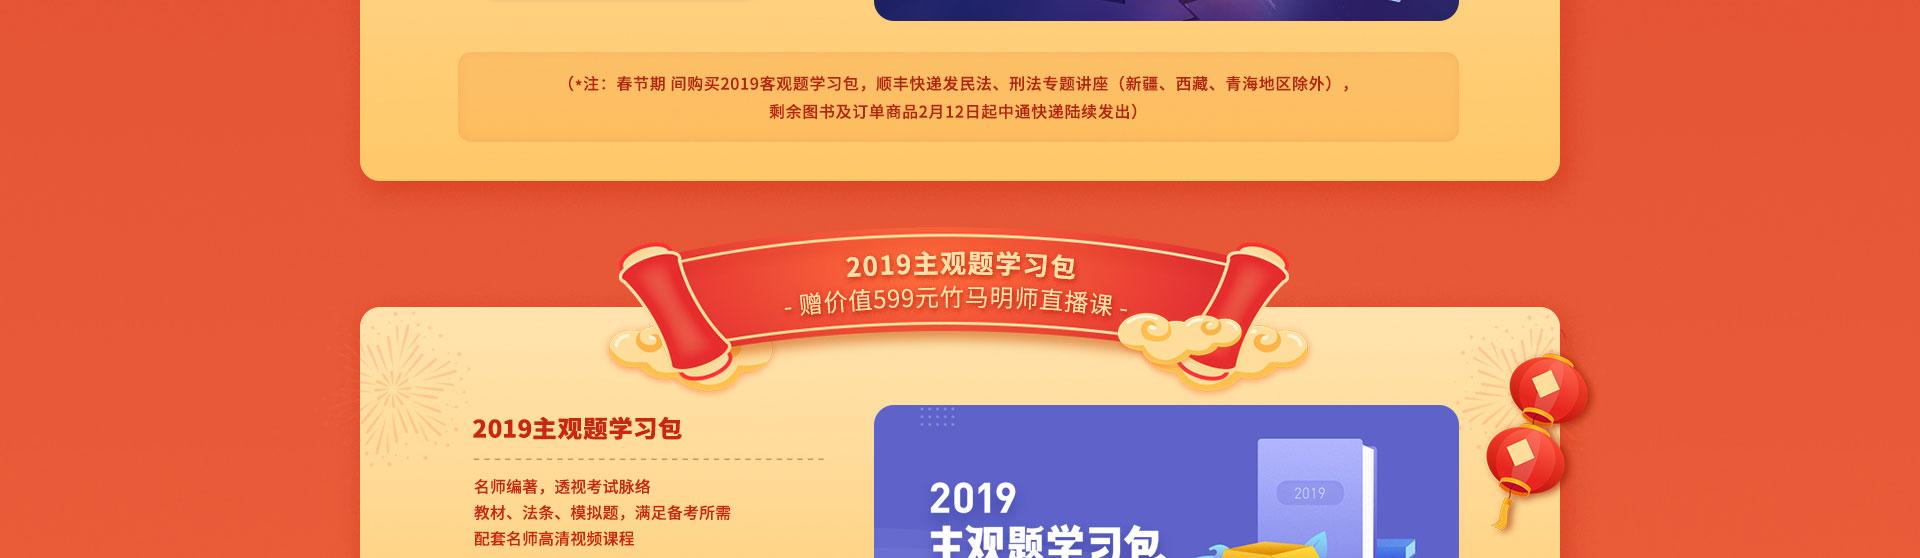 """PC页面-新春放""""价"""",携""""课""""回家1920x_06.jpg"""